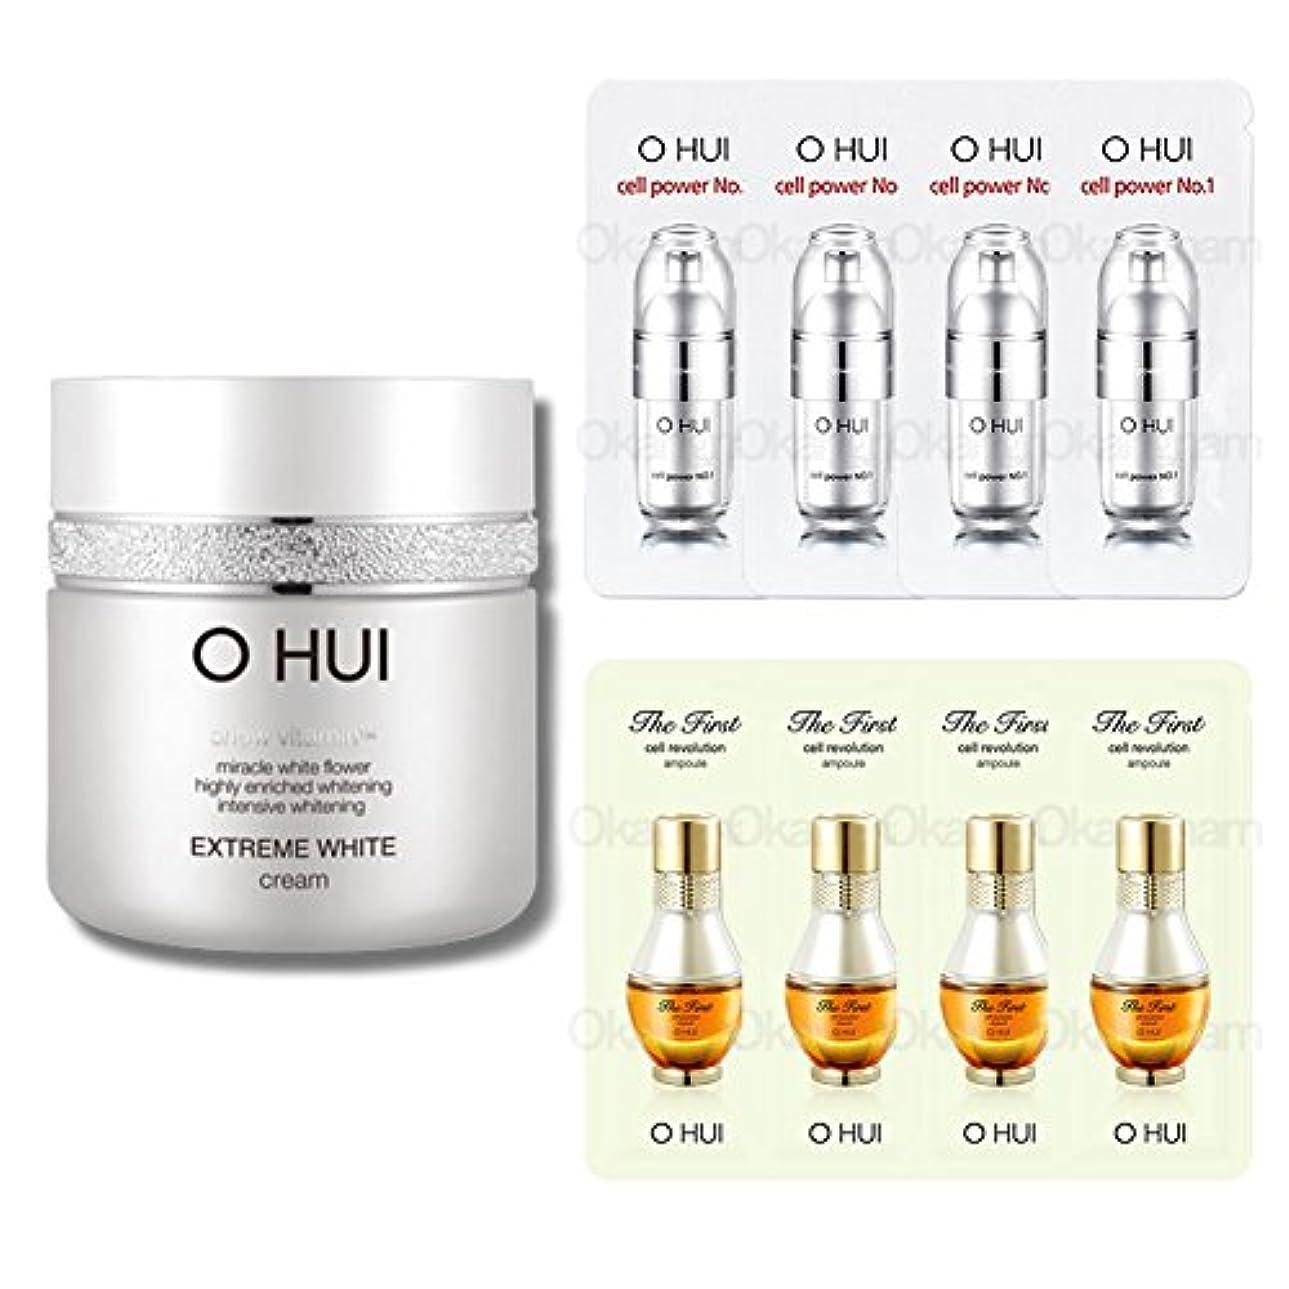 不毛のタフめ言葉[オフィ/ O HUI]韓国化粧品 LG生活健康/ OHUI OEW04 EXTREME WHITE CREAM/オフィ エクストリーム ホワイトクリーム 50ml +[Sample Gift](海外直送品)